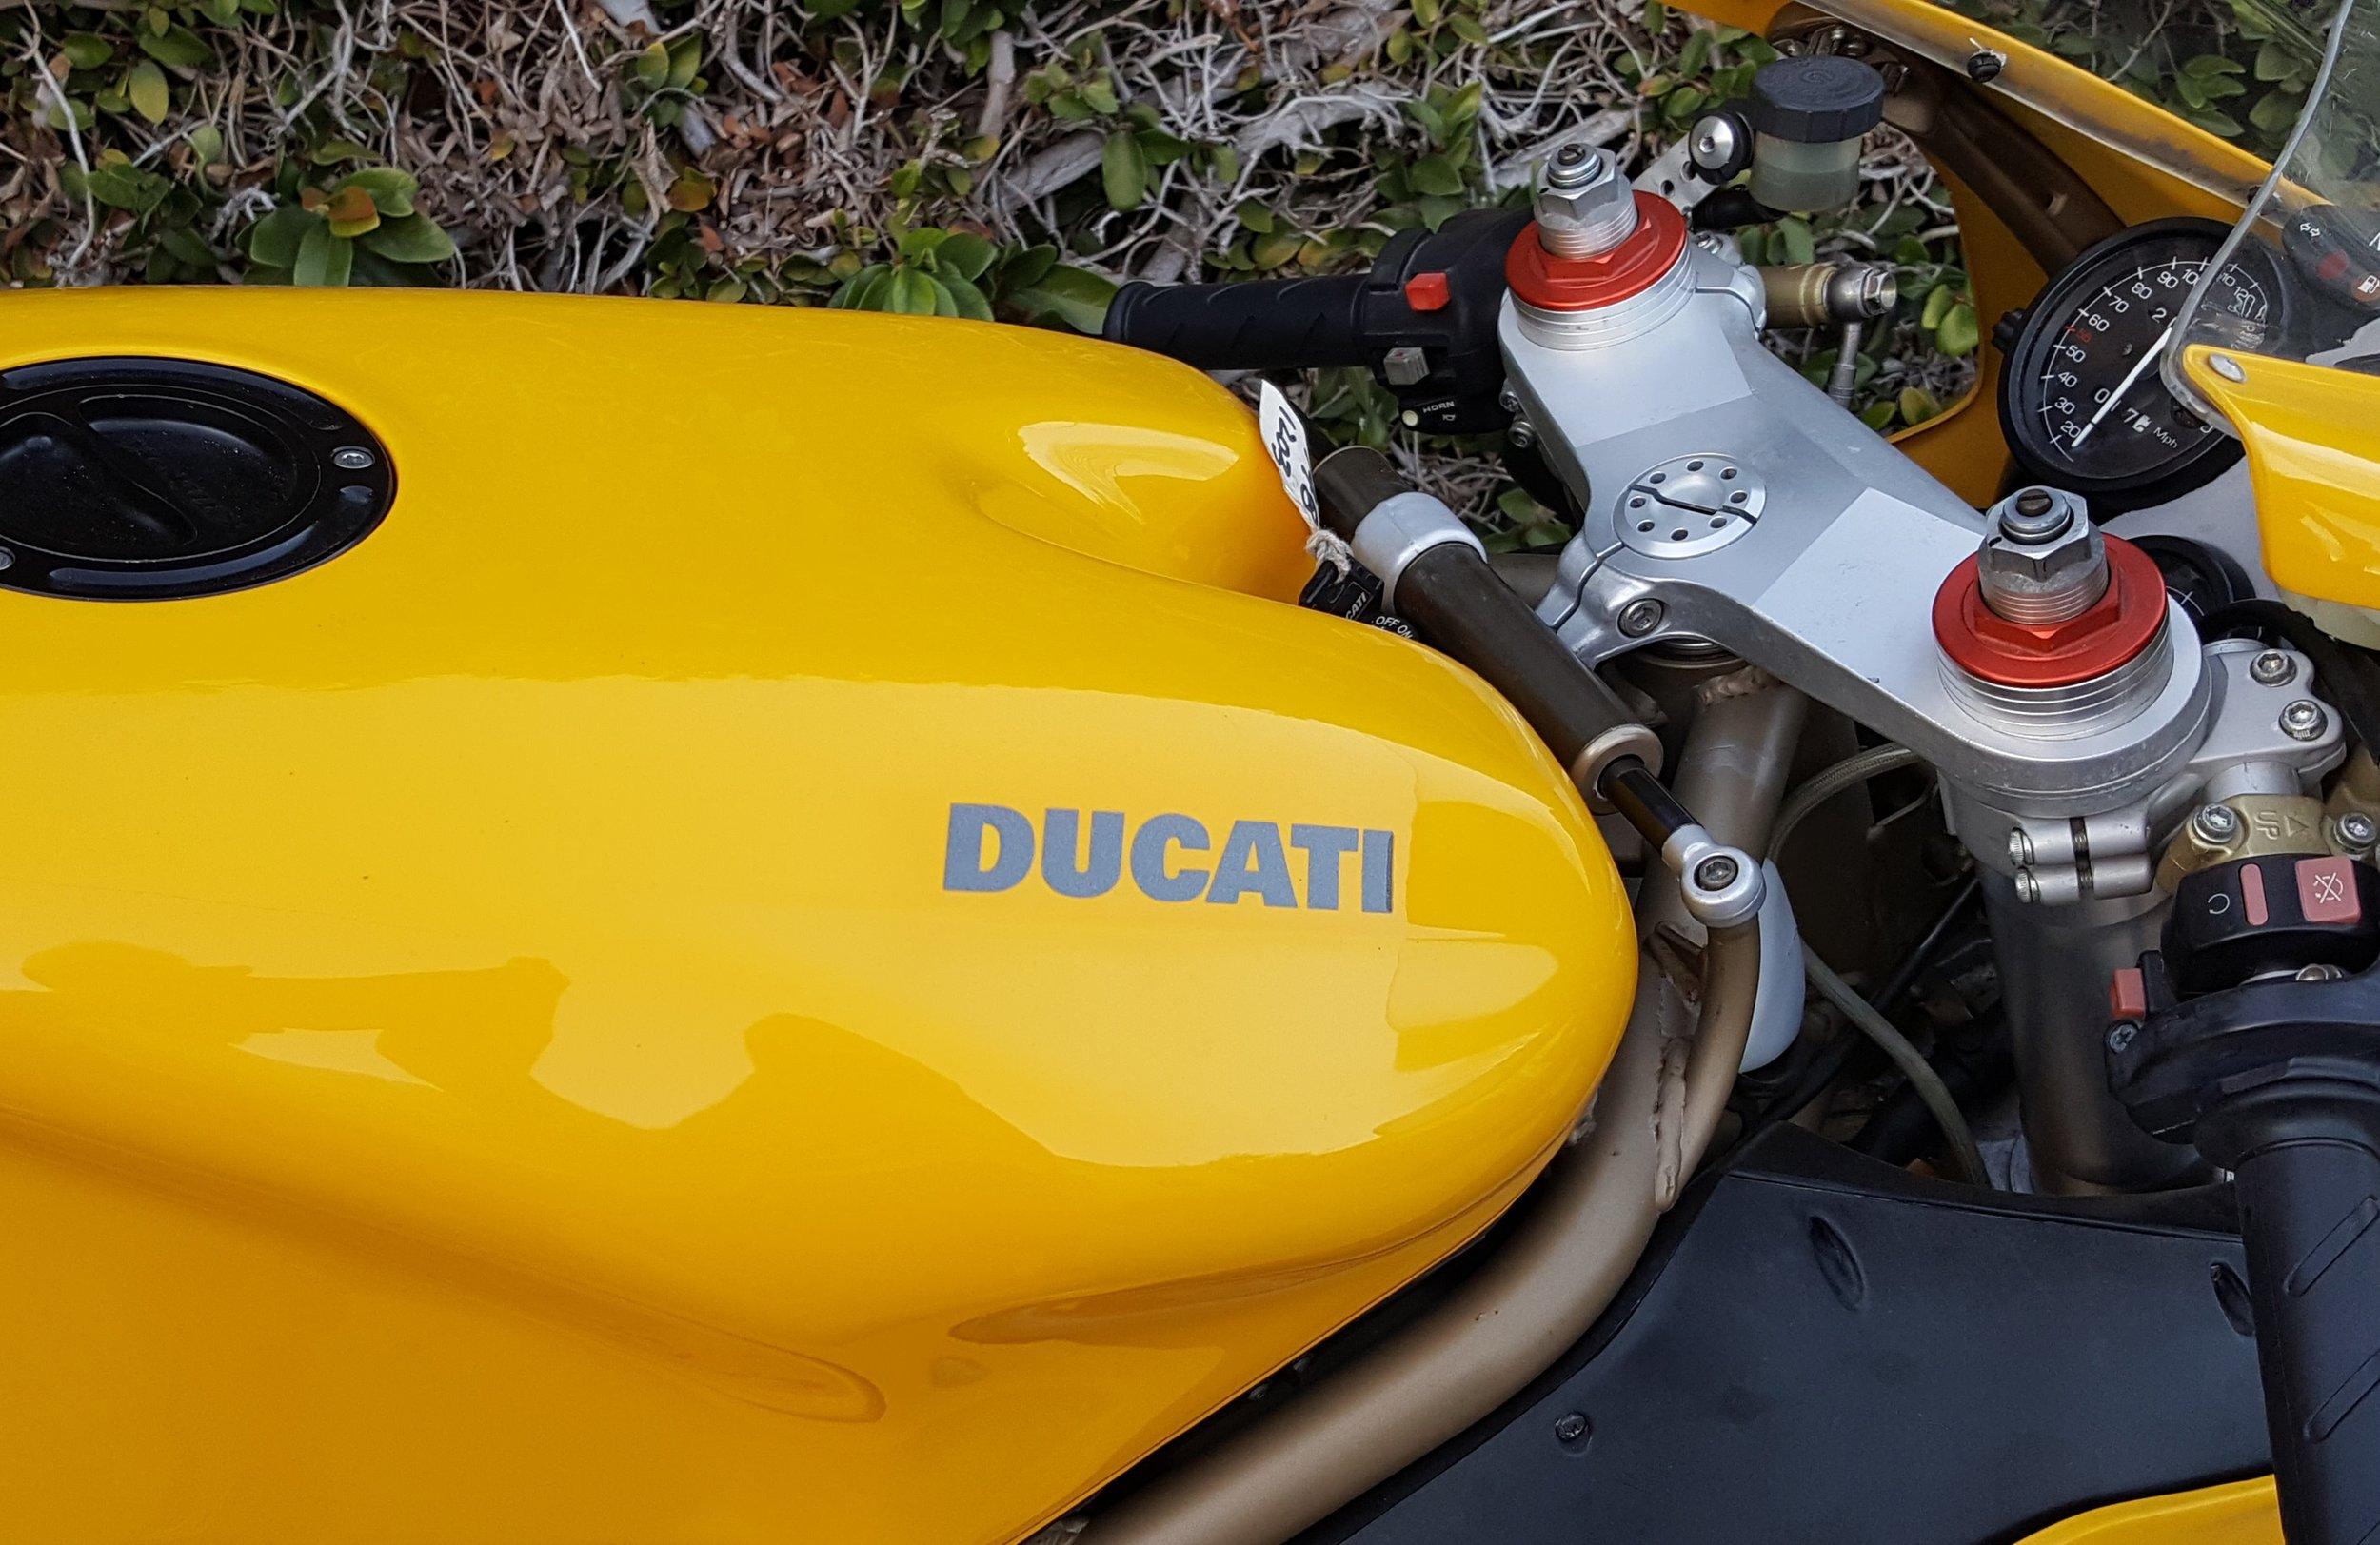 Ducati 748-916 tank side view.jpg